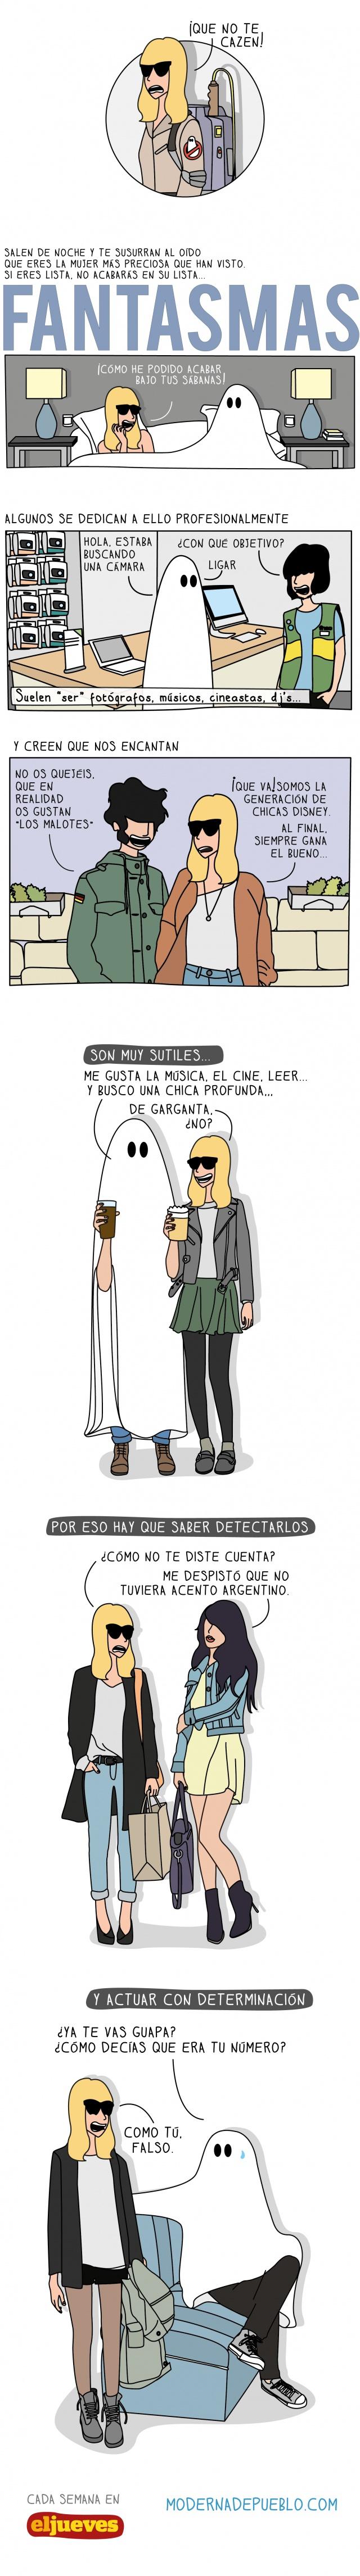 Moderna de pueblo. Fantasmas